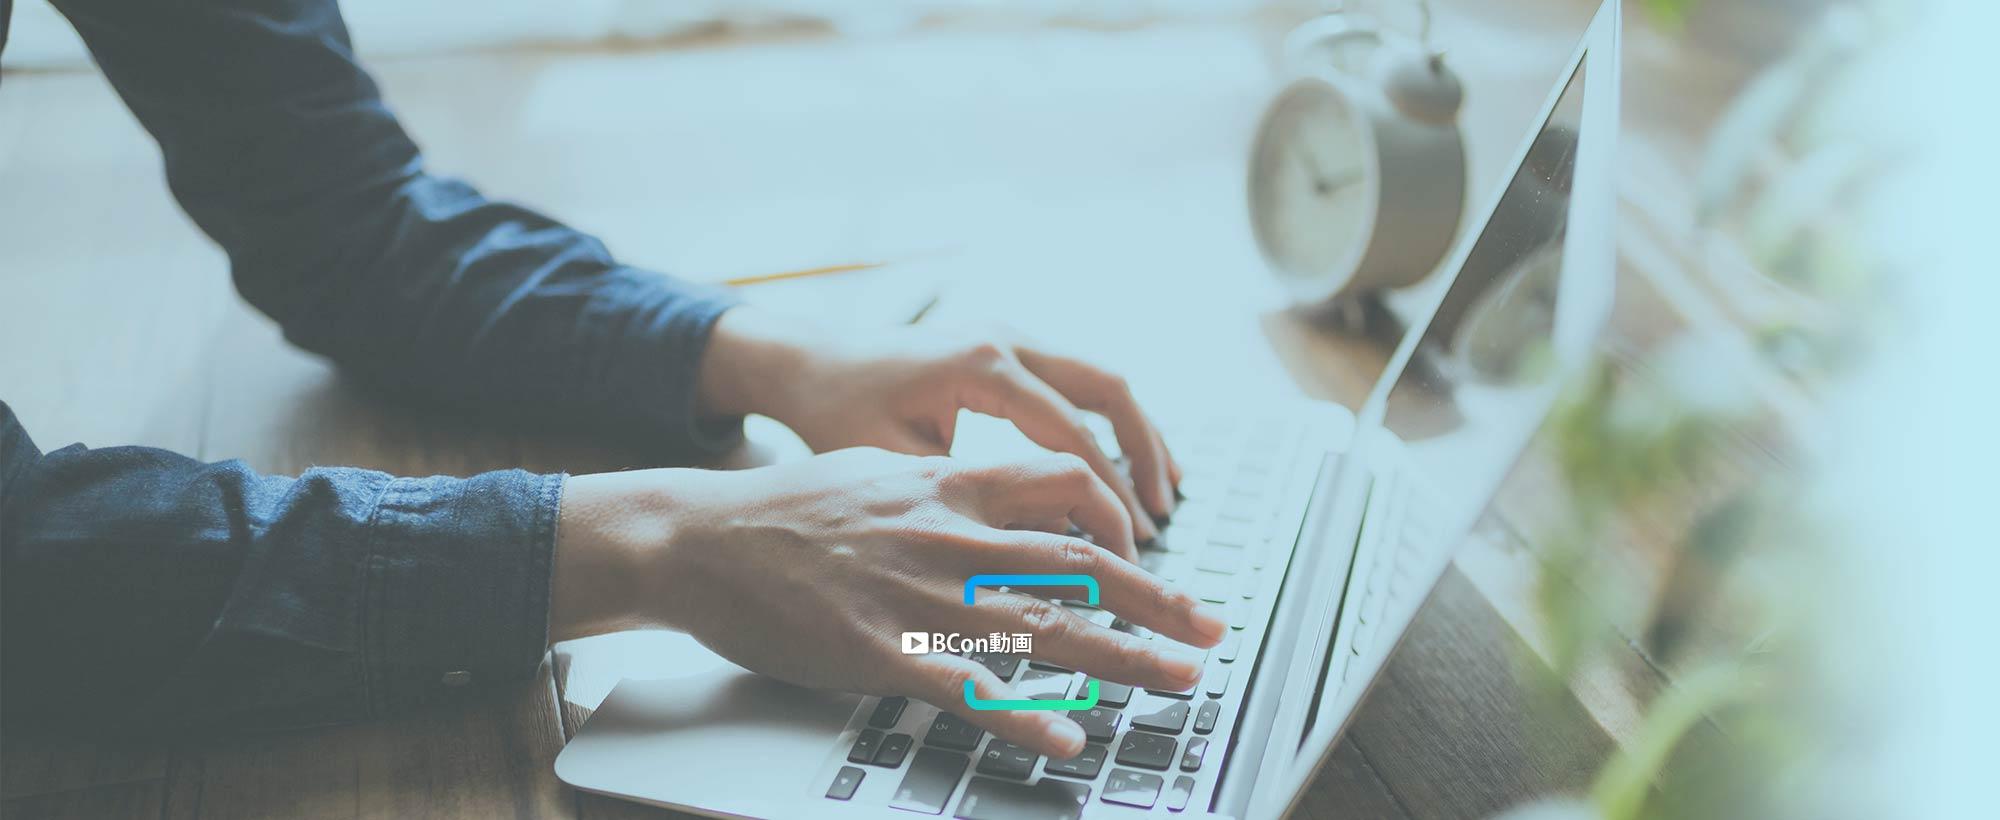 新しい働き方として定着し始めた在宅勤務やテレワーク。 マネジメントするヒントを動画でご紹介します。